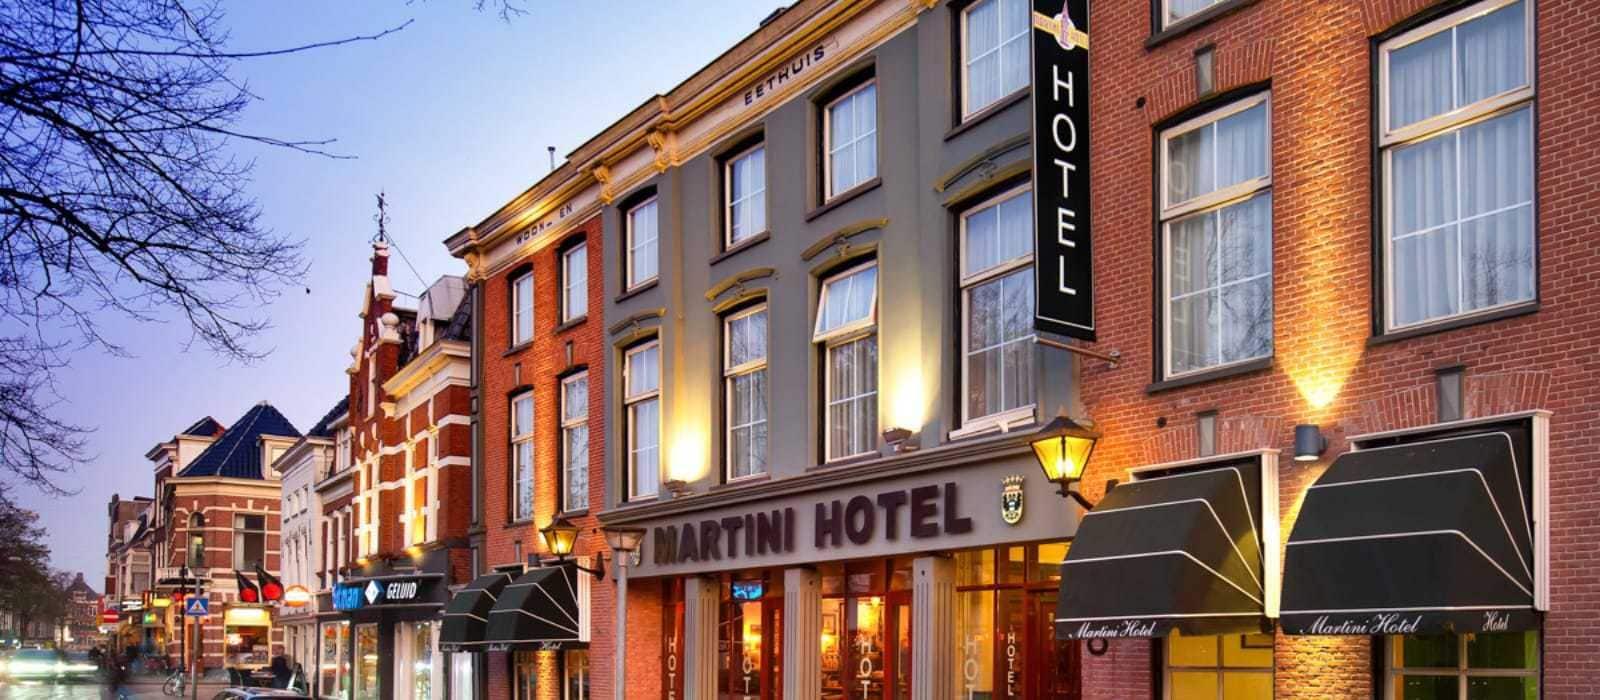 martinihotel-centrum-groningen